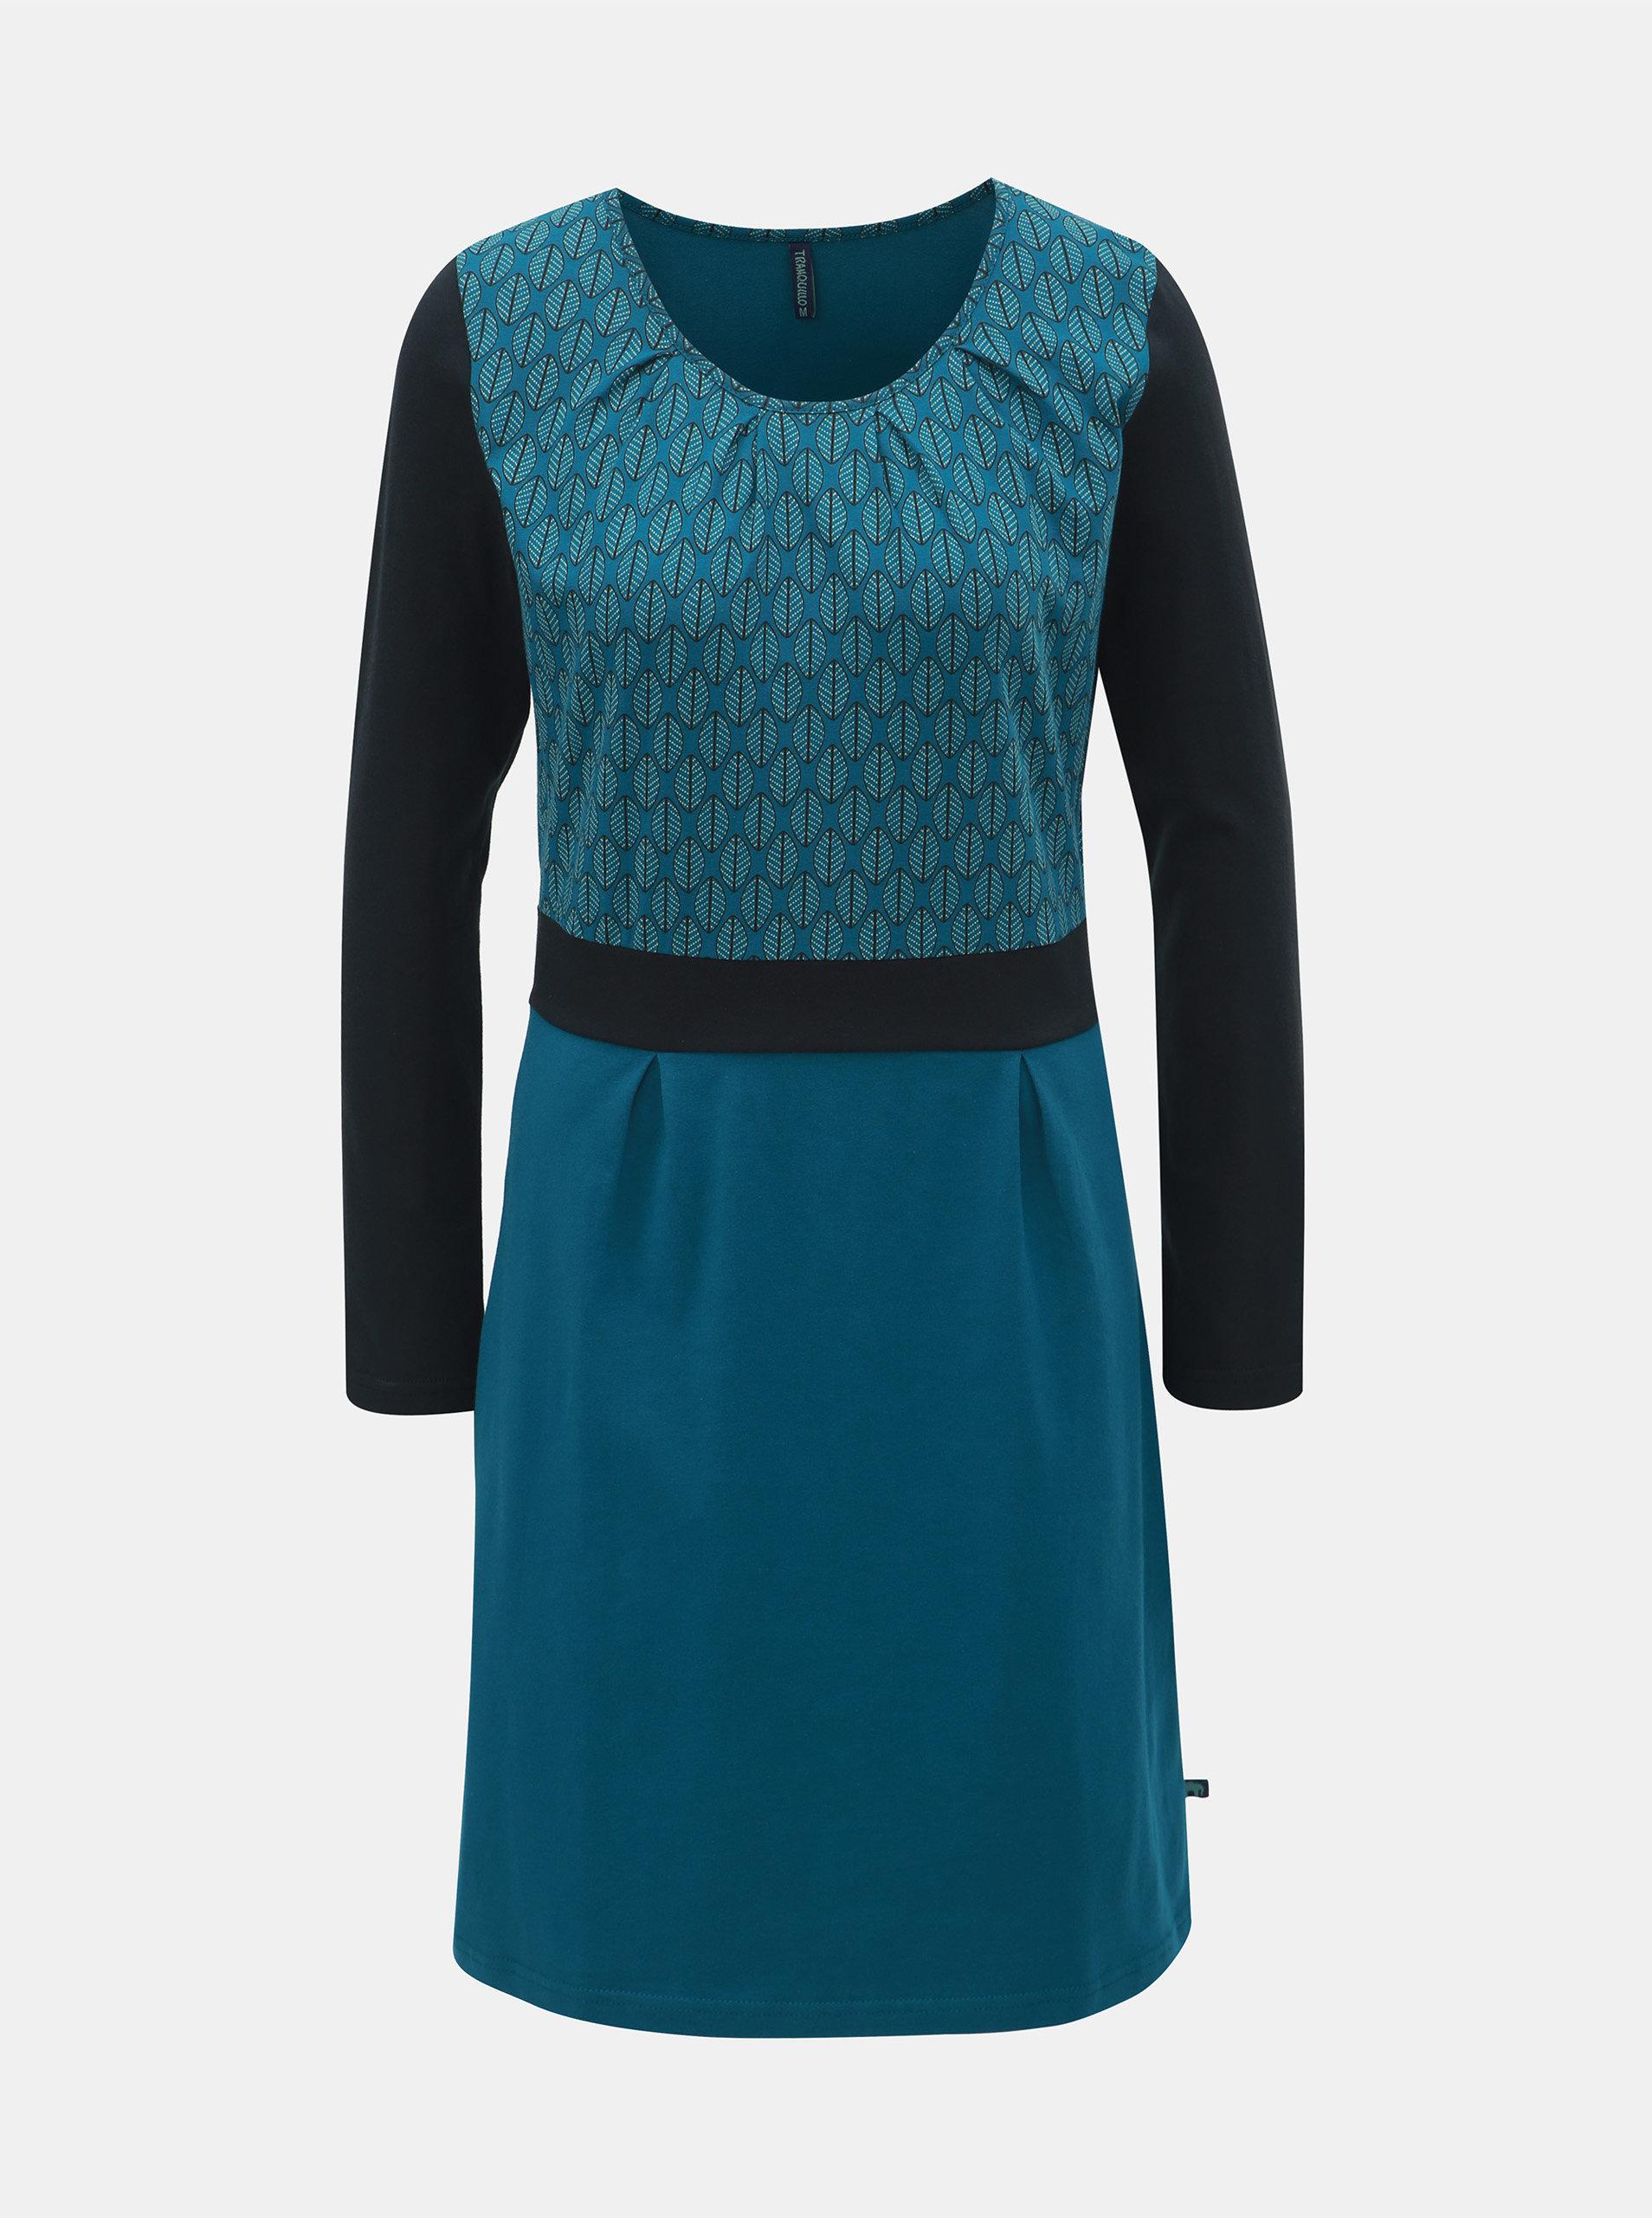 595089aeebdf Tyrkysové vzorované šaty s dlhým rukávom Tranquillo Beda ...